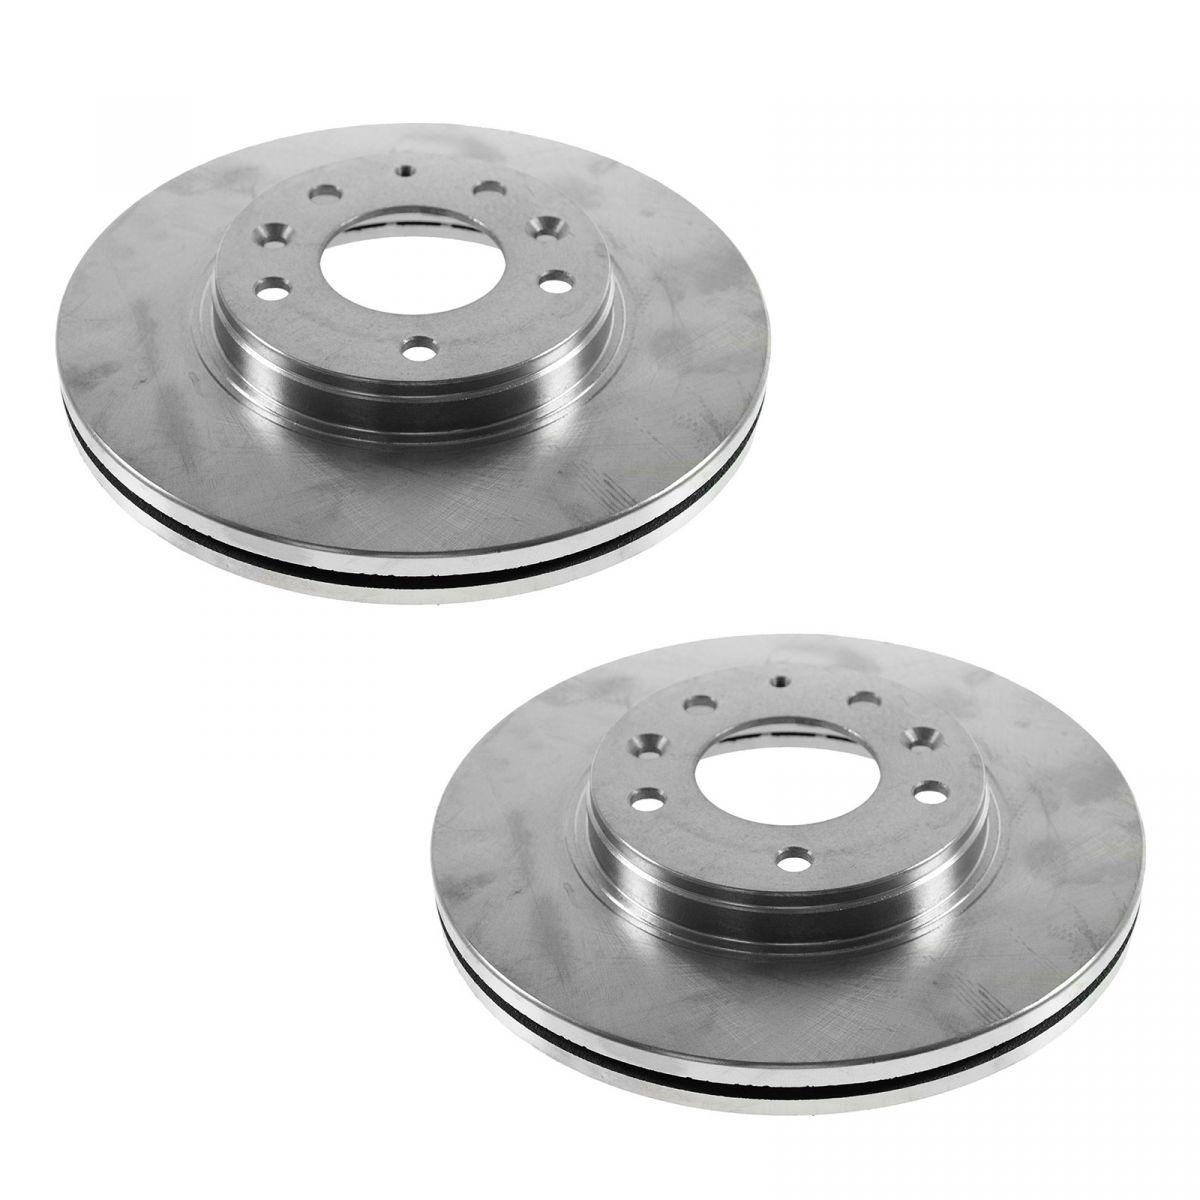 Nakamoto Front /& Rear Ceramic Brake Pad /& Rotor Kit LH /& RH Sides for Mazda CX-7